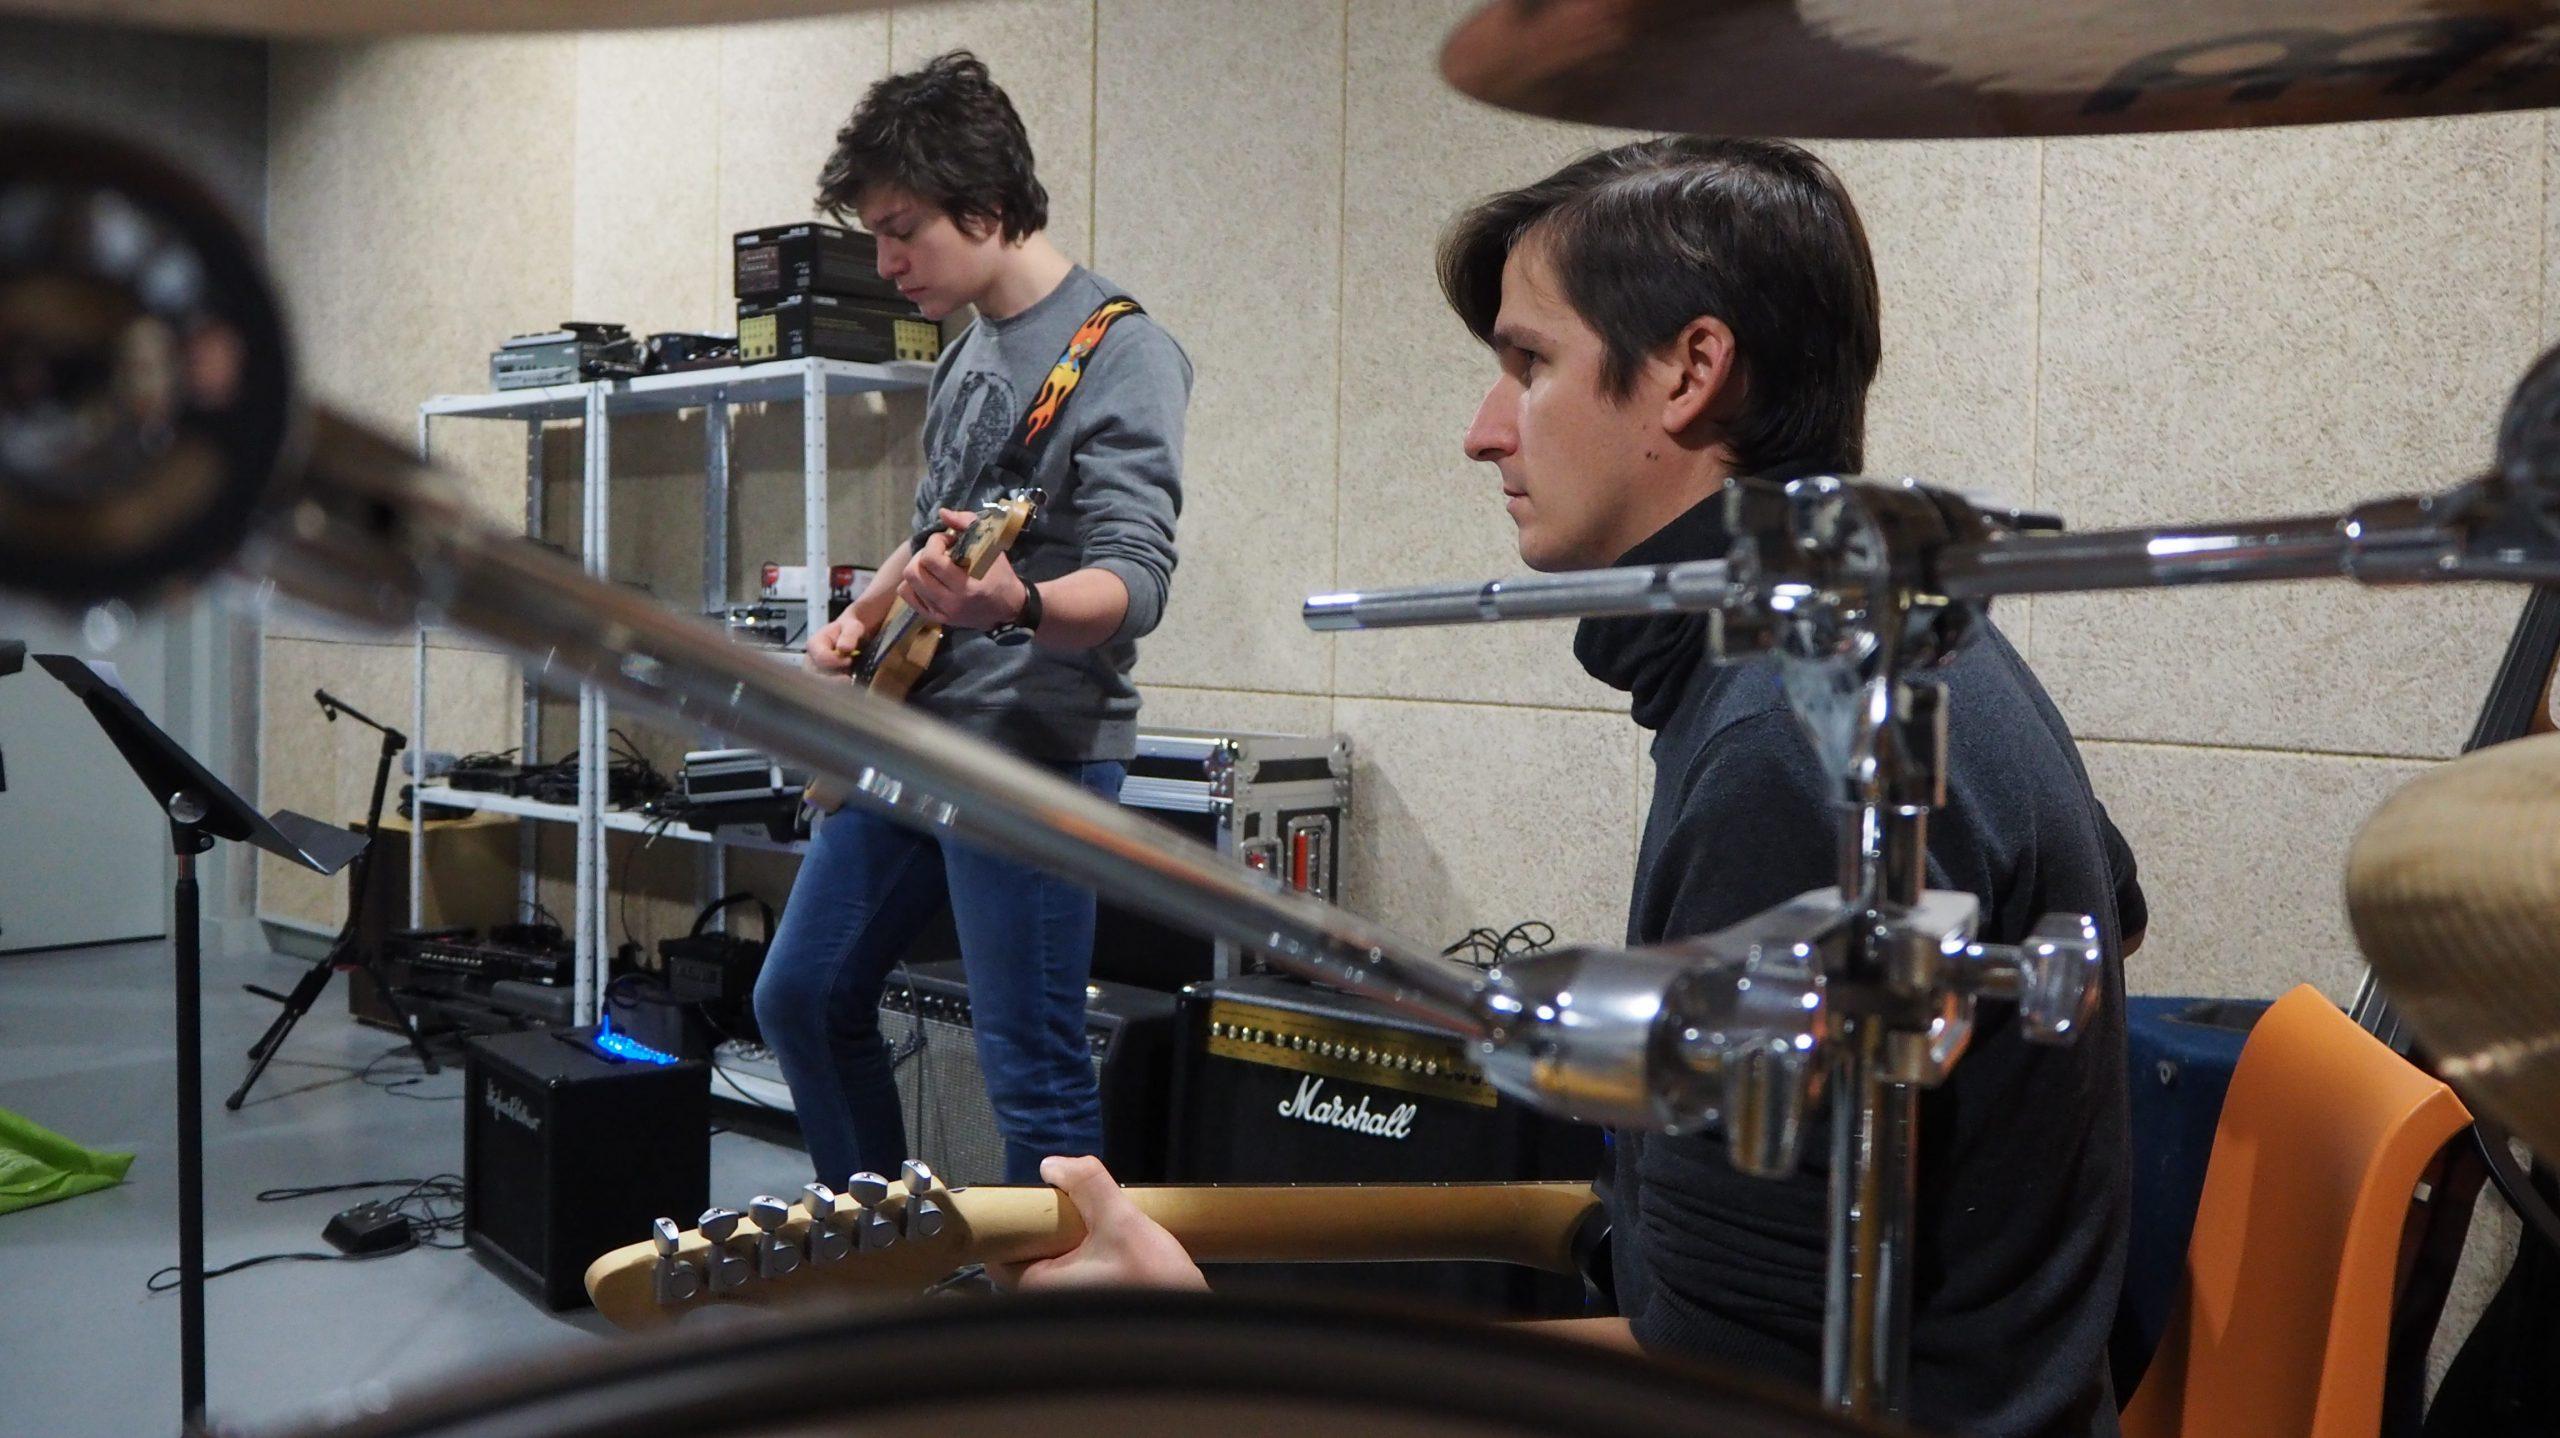 Groupe de musique jouant dans une salle de musique du conservatoire.